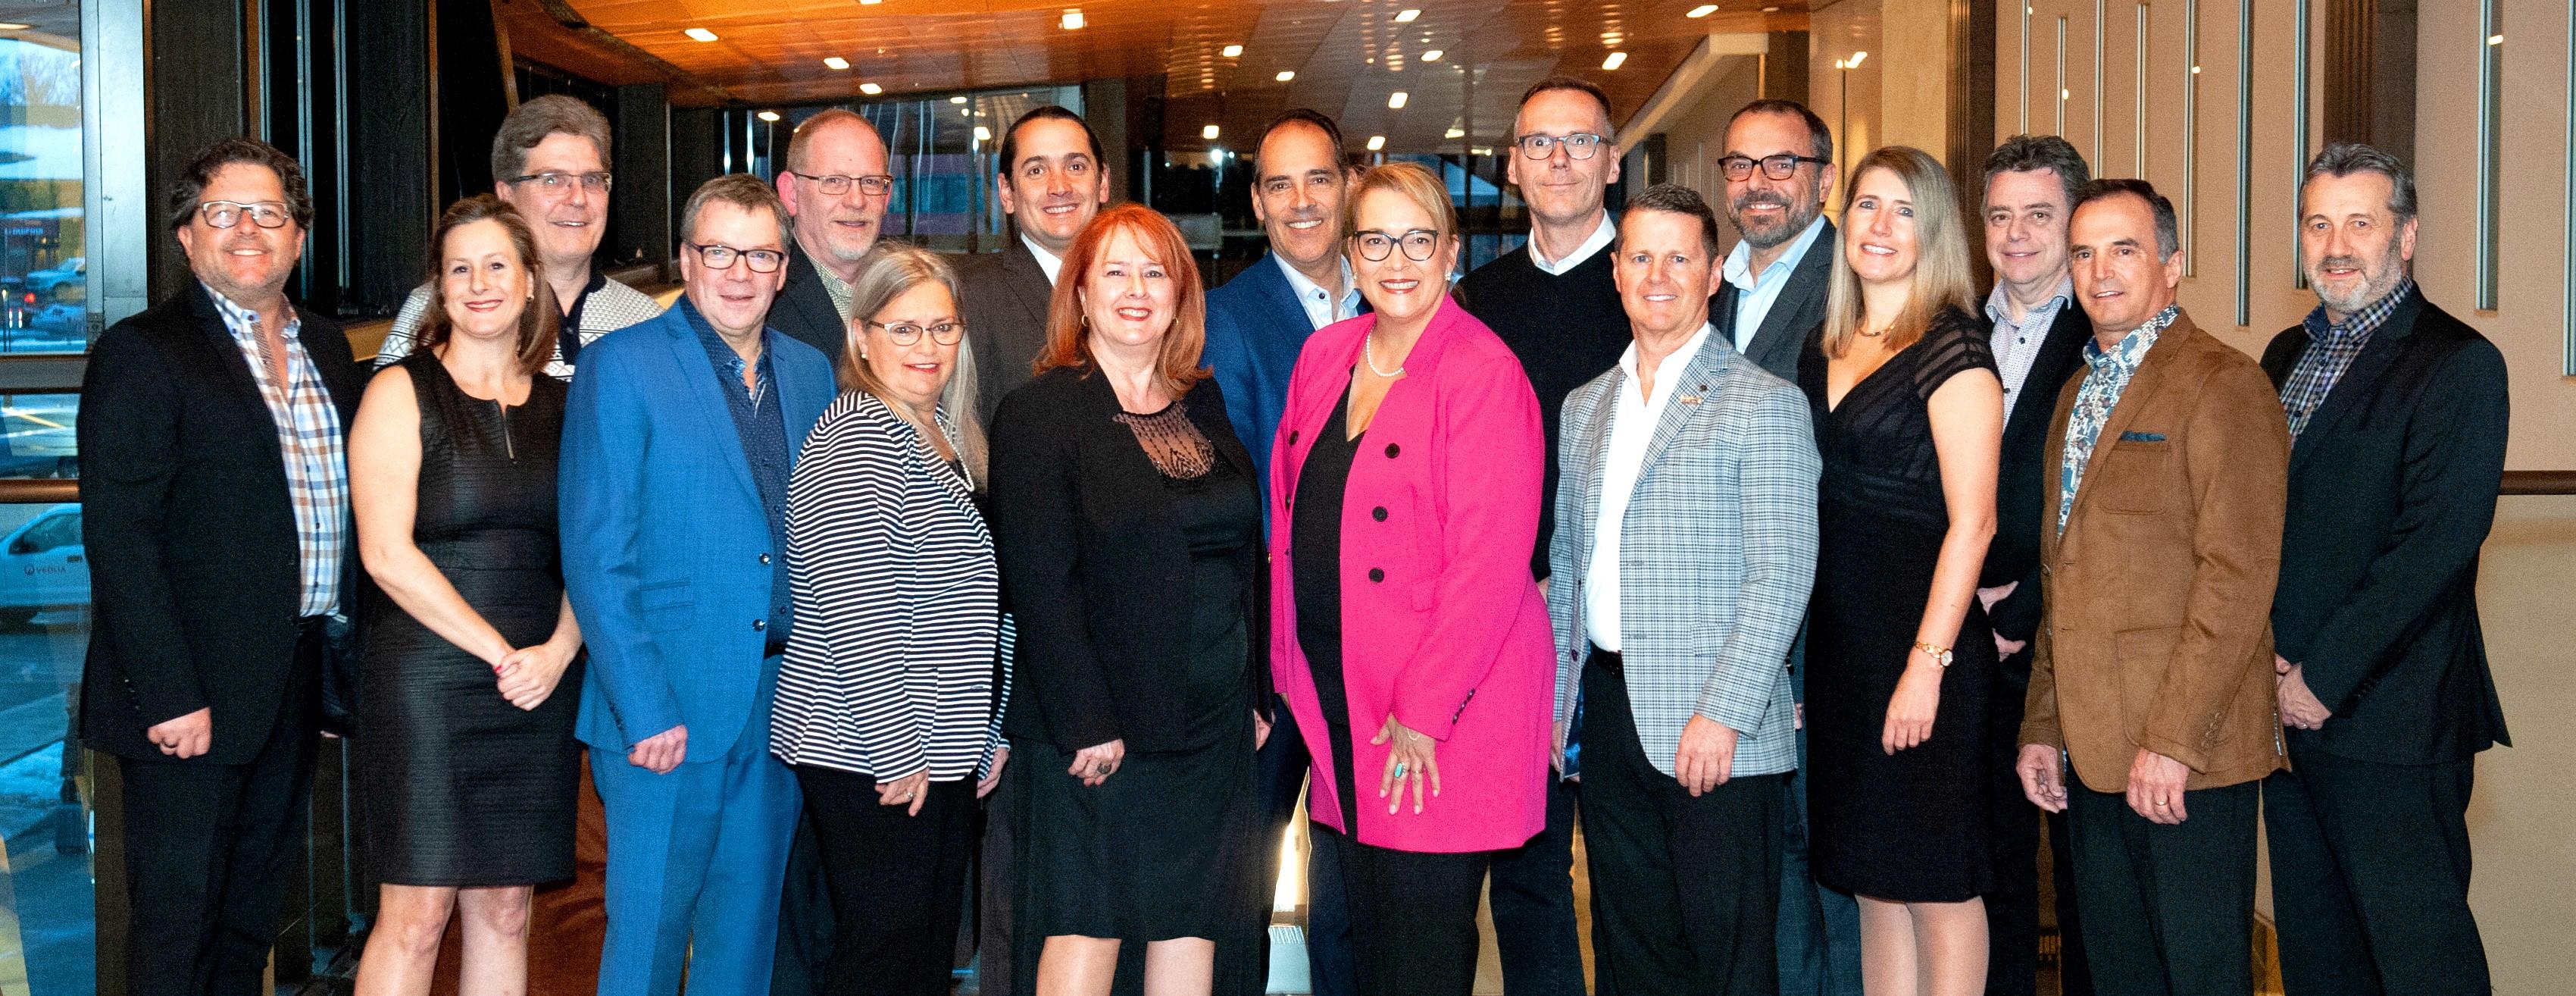 Conseil d'administration AVFQ 2020